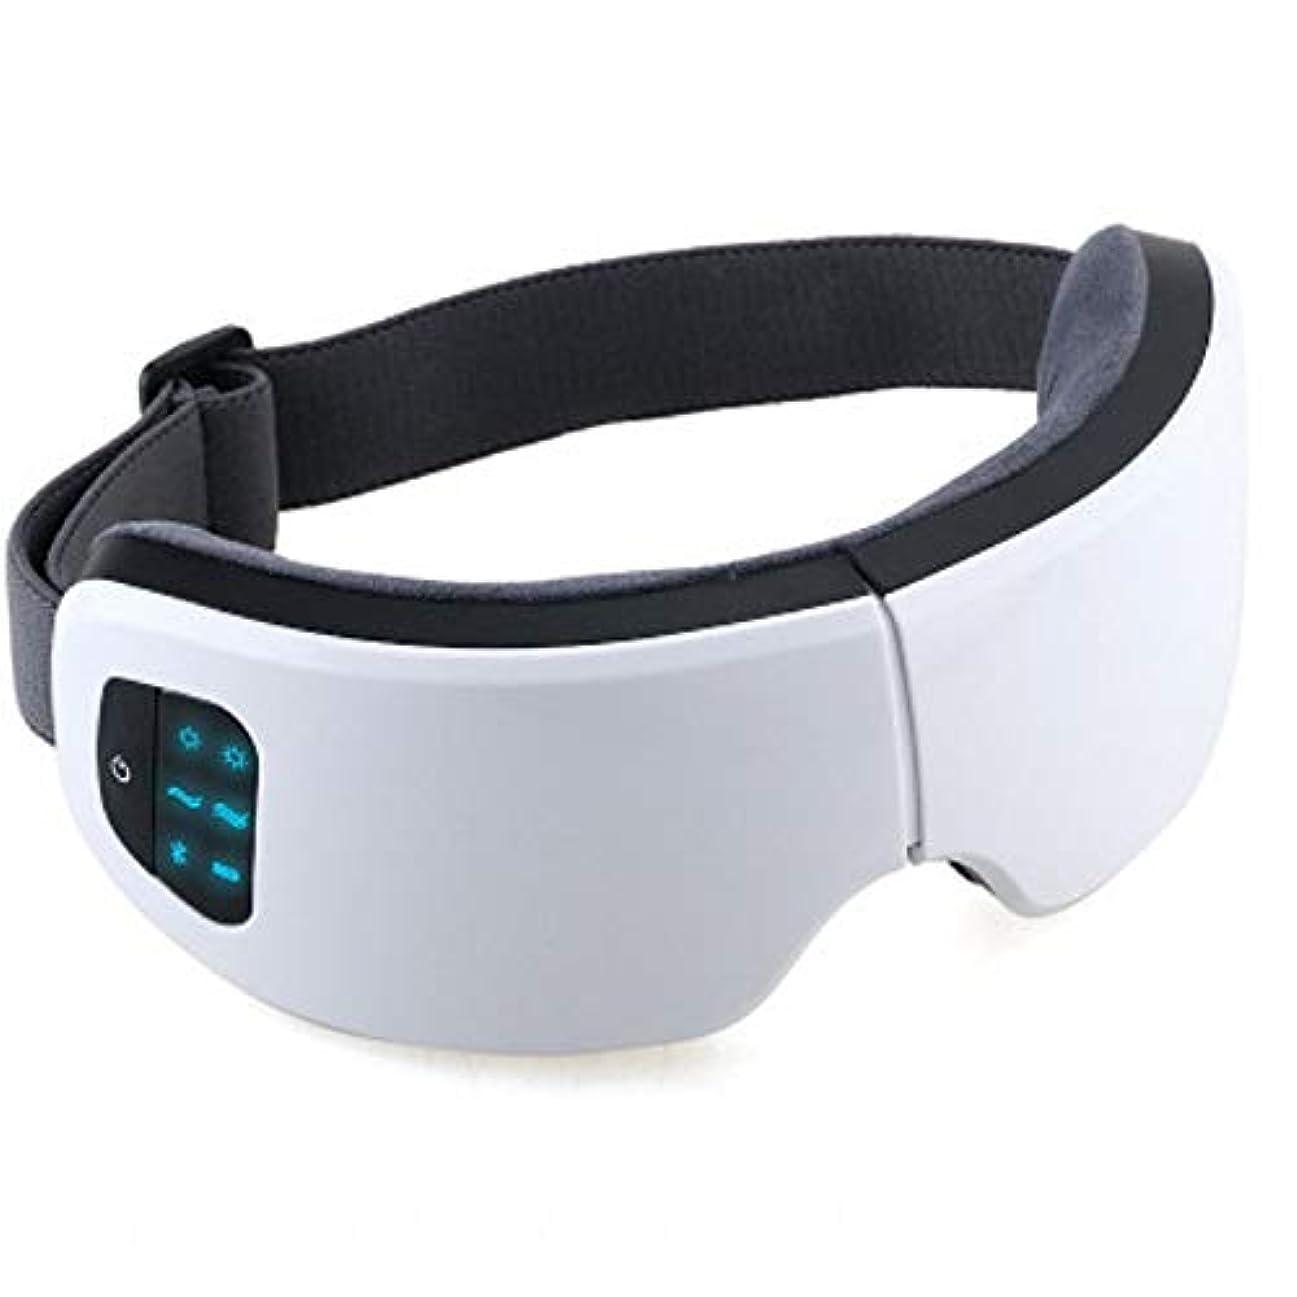 マリン賞大人Meet now 高度の目のマッサージャー、暖房モードの無線再充電可能な折る目のマッサージャー 品質保証